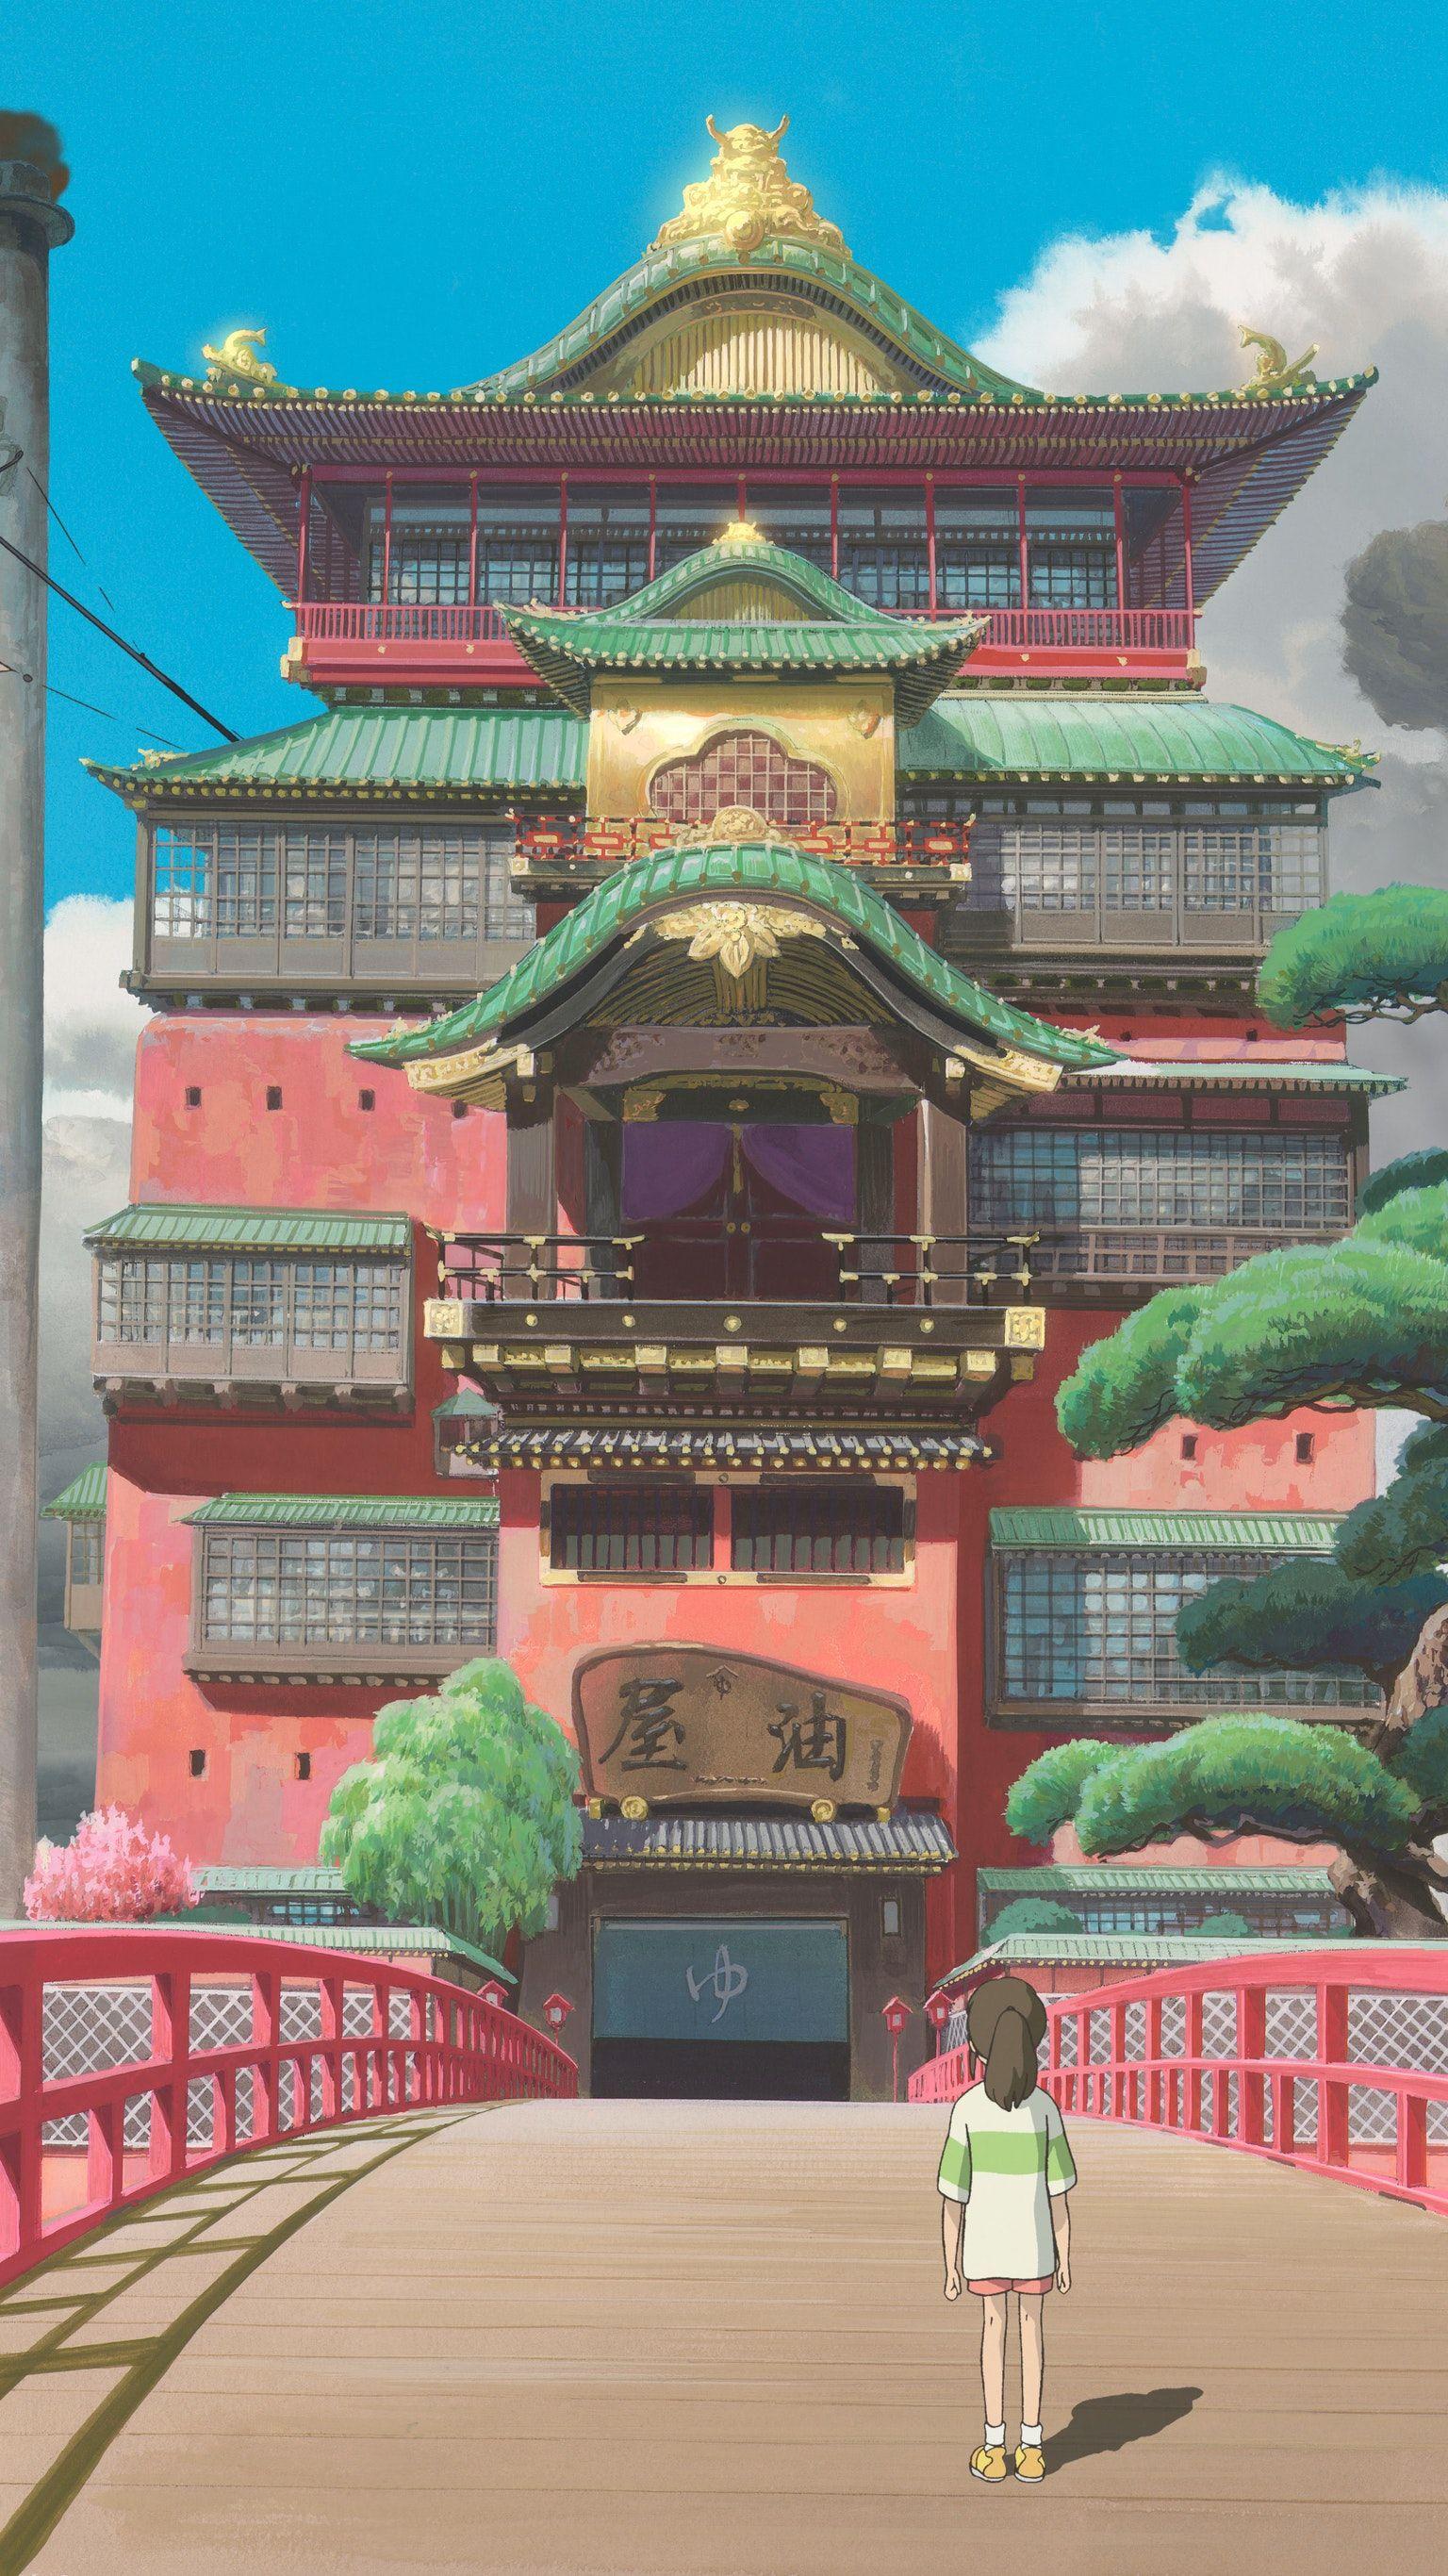 Spirited Away 2001 Phone Wallpaper Moviemania Studio Ghibli Movies Studio Ghibli Studio Ghibli Background